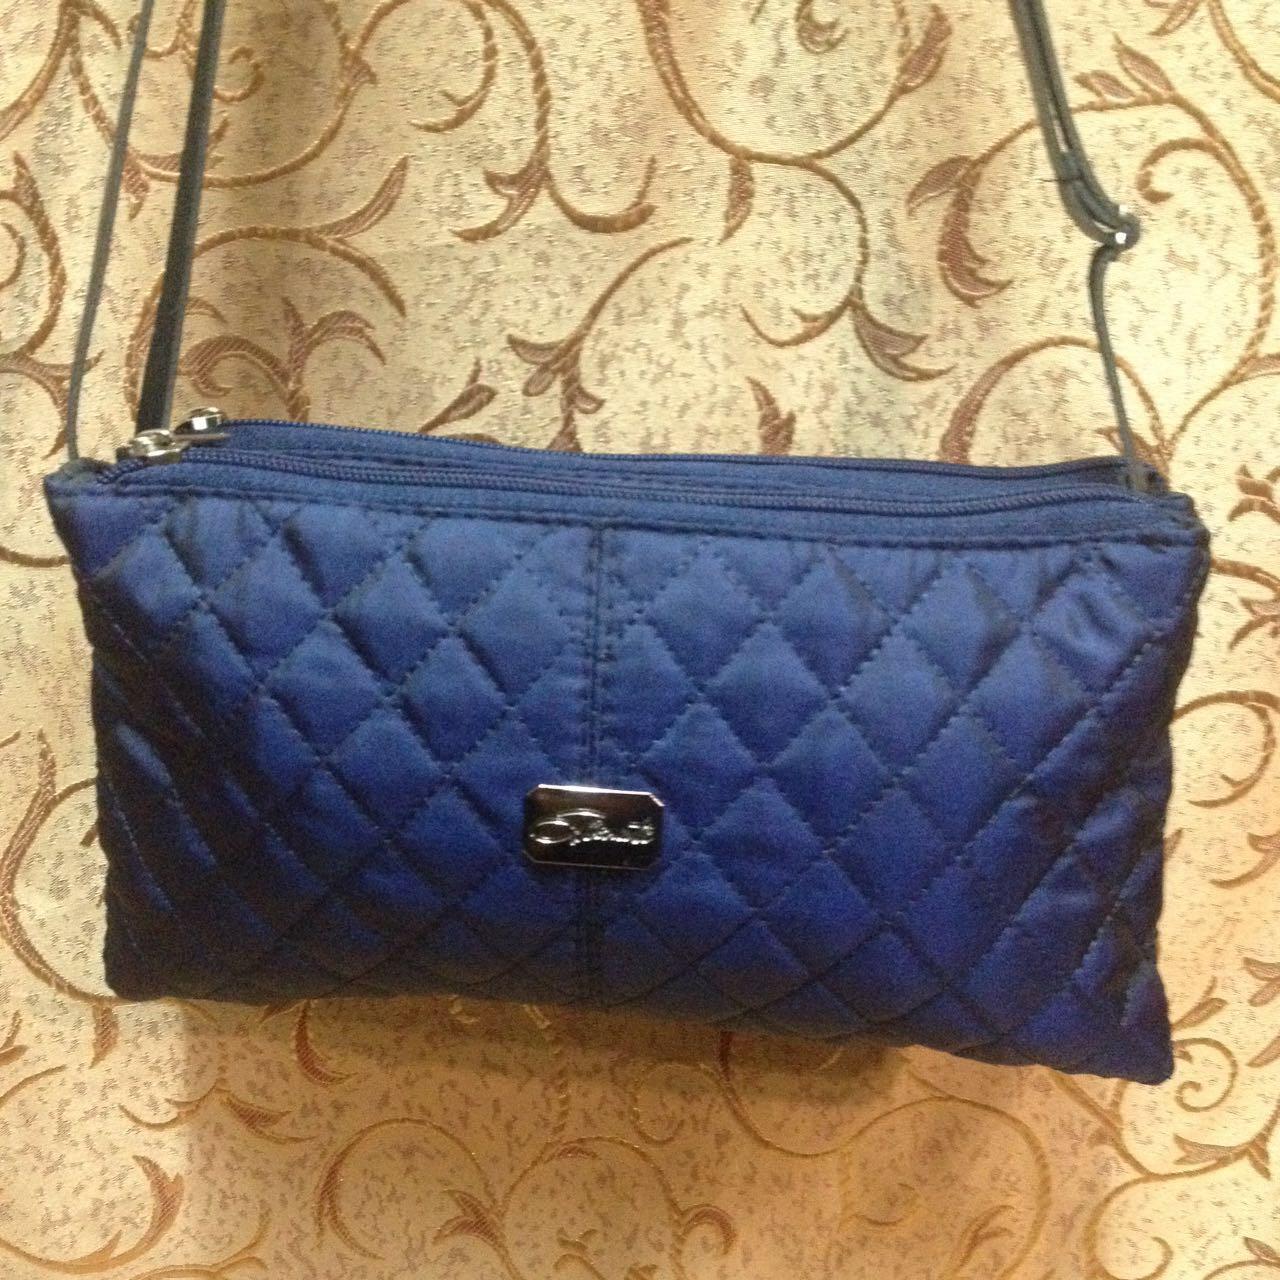 Клатч женский Сумка стеганная(стеганая сумка)только ОПТ/Спорт барсетки adidas//Сумка для через плечо